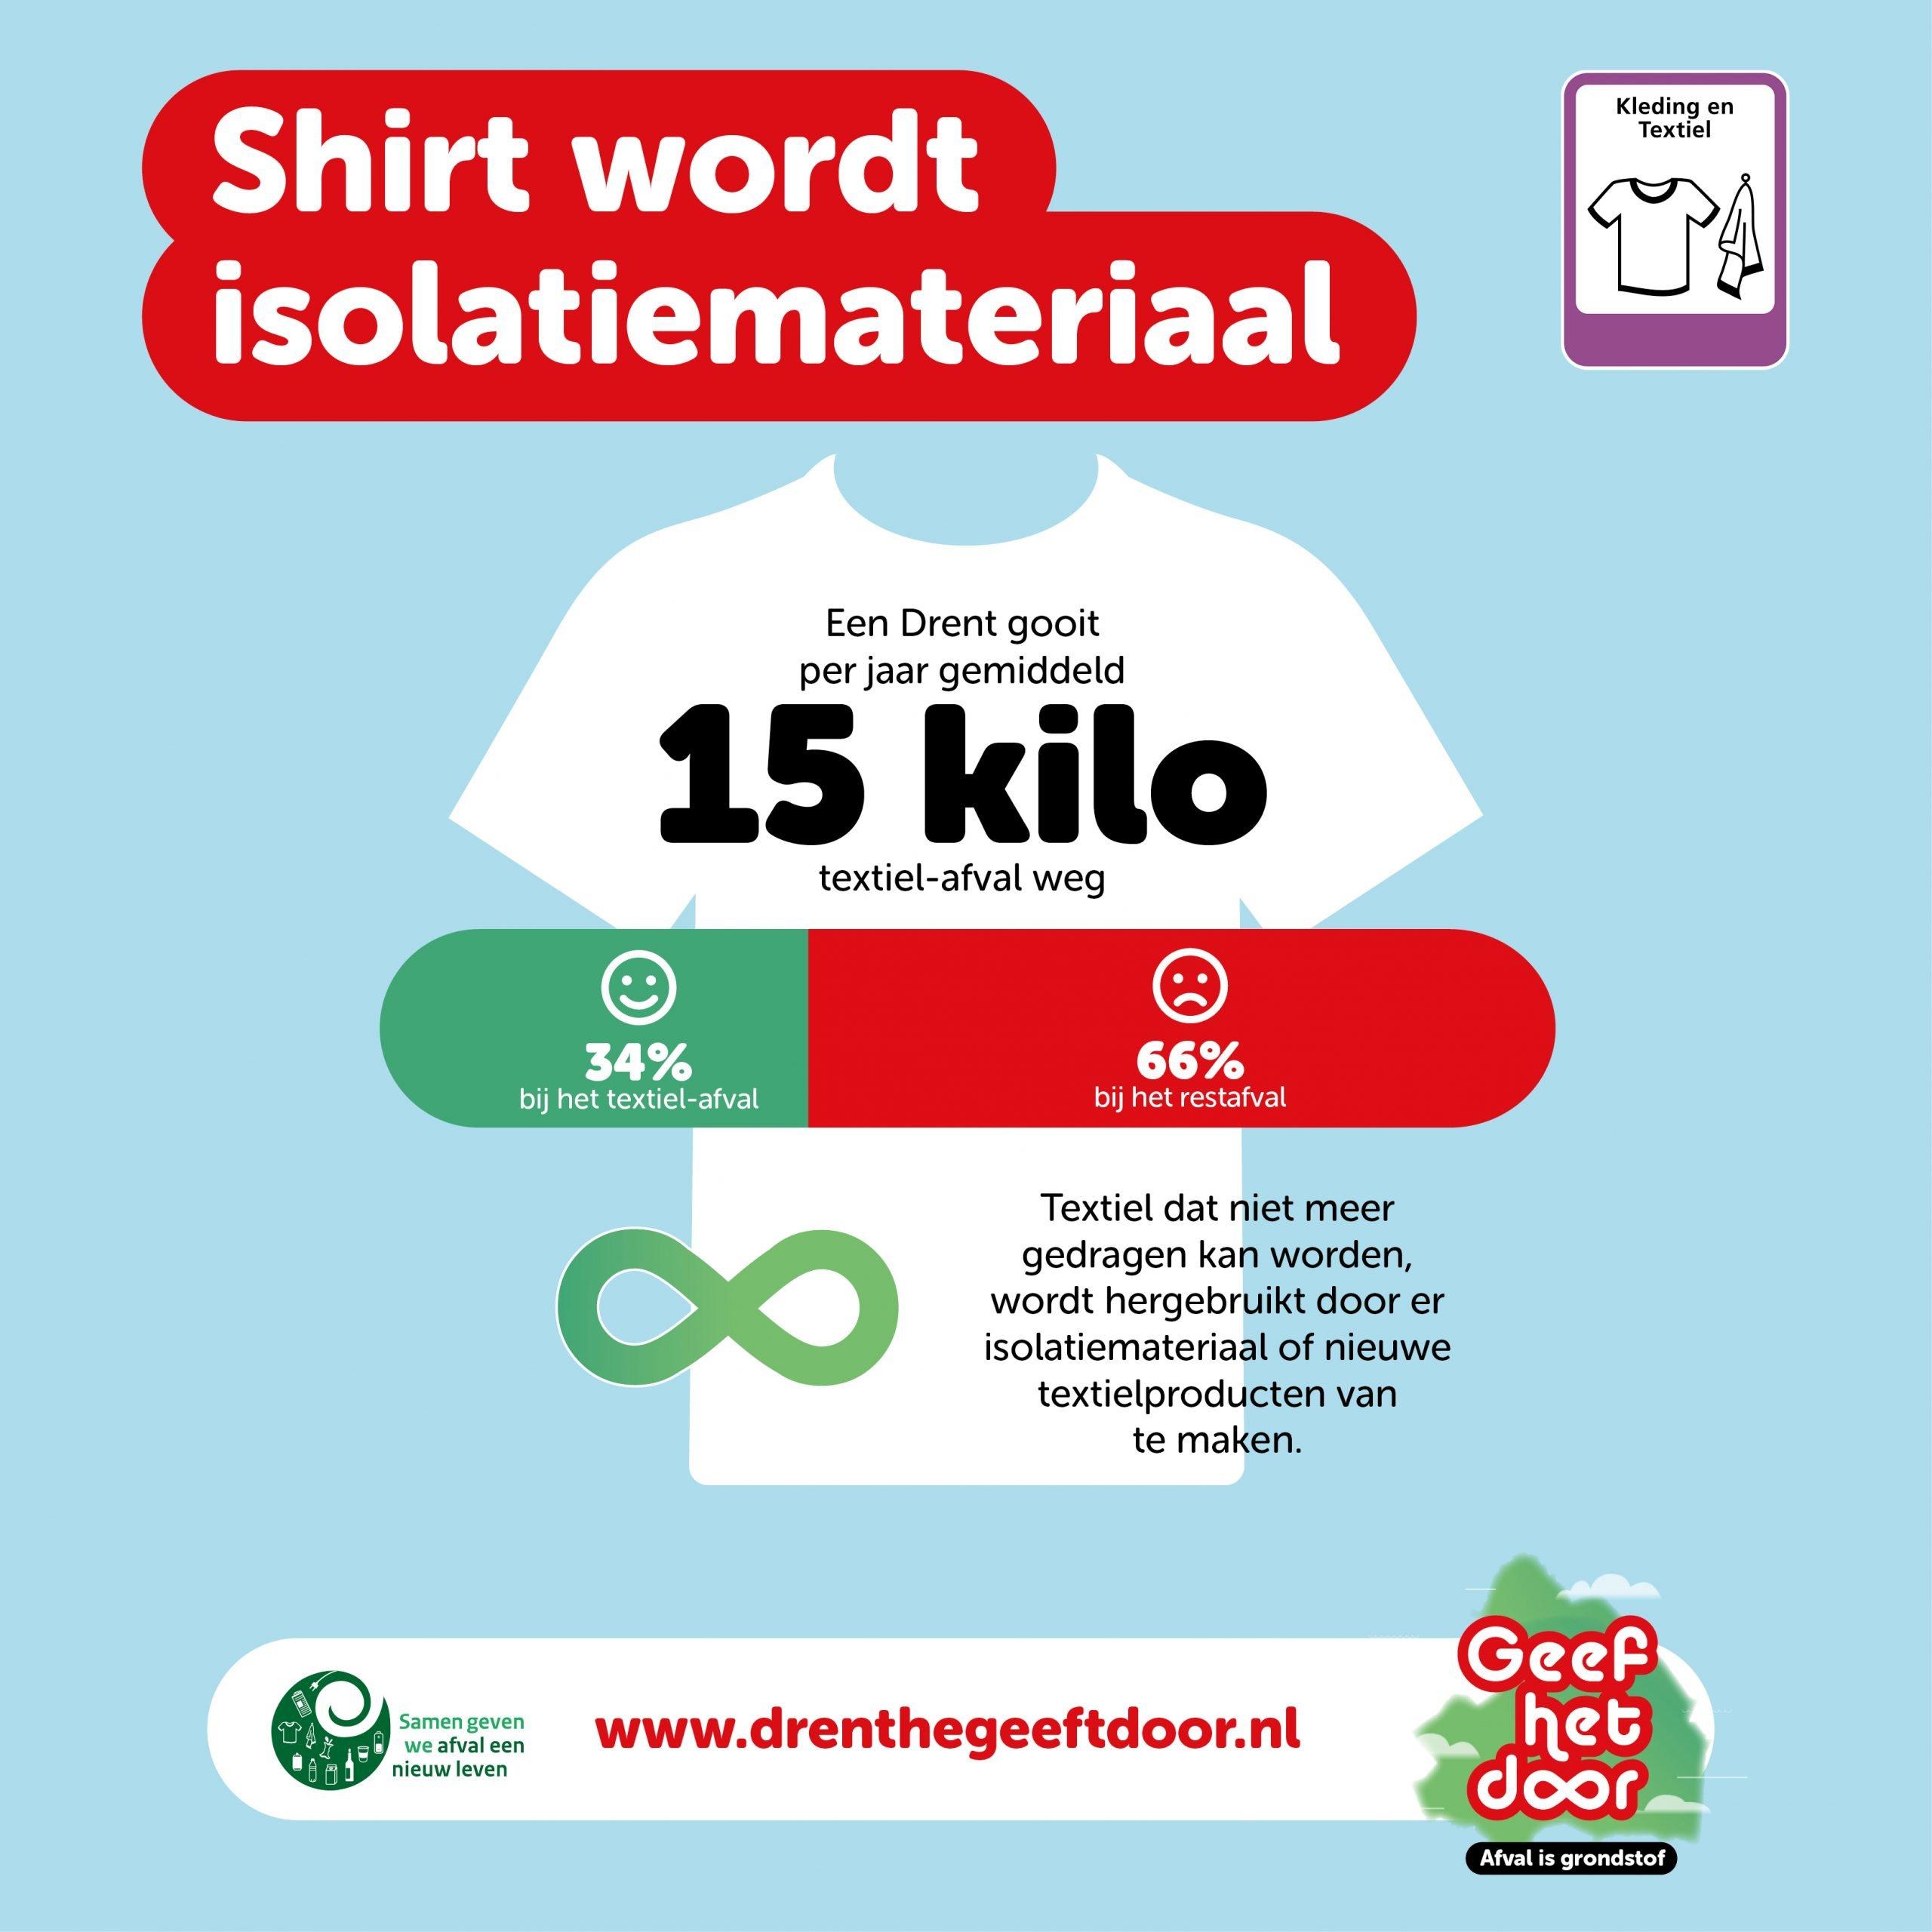 Shirt wordt isolatiemateriaal